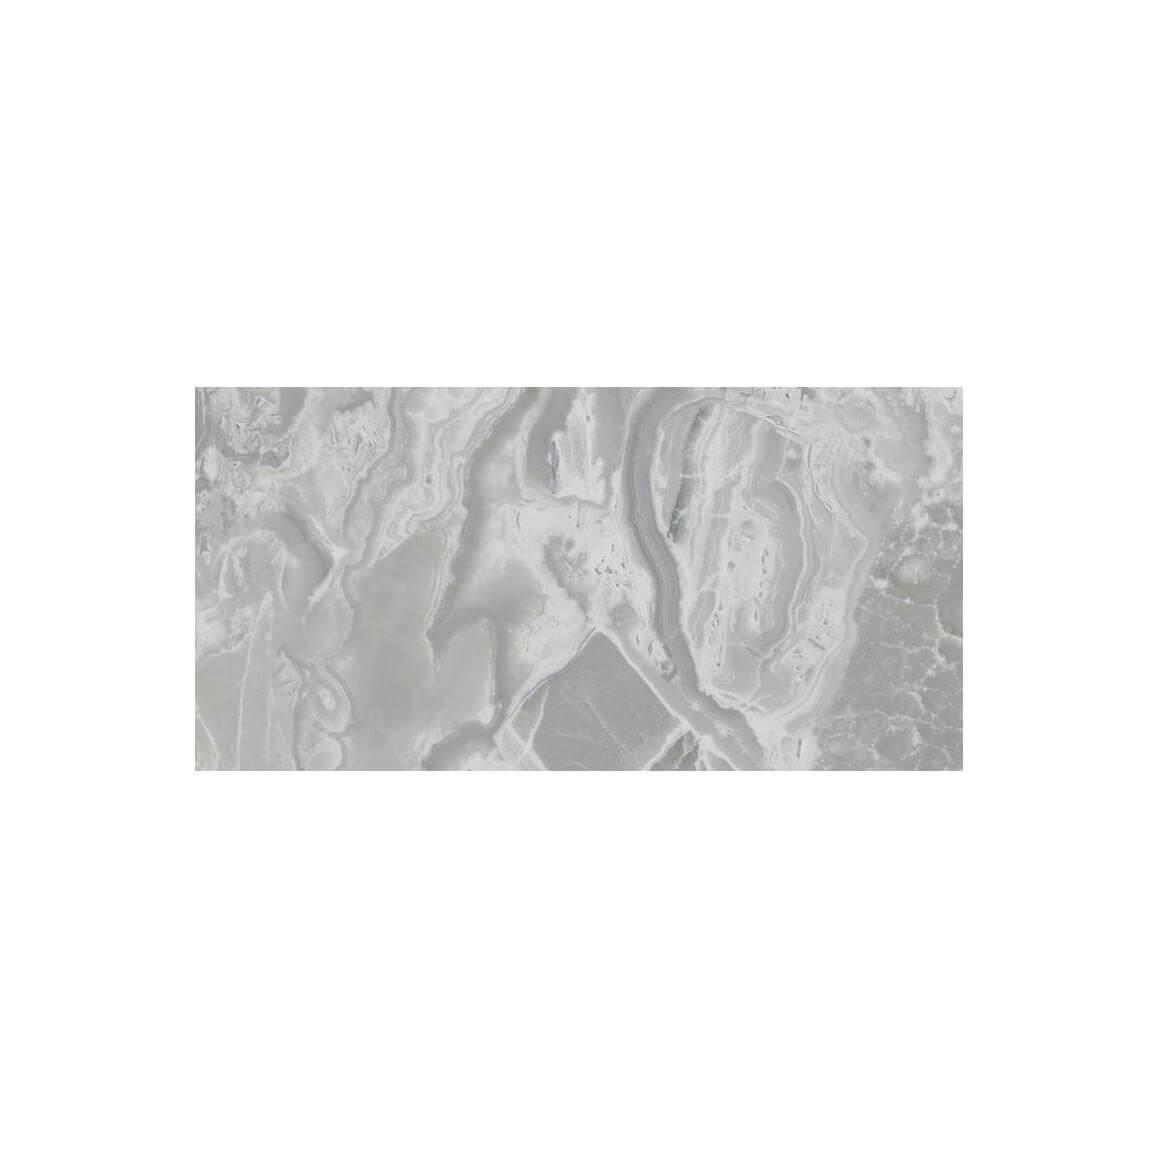 Carrelage sol et mur poli aspect marbre gris Supreme Grey 60x120 cm rectifié